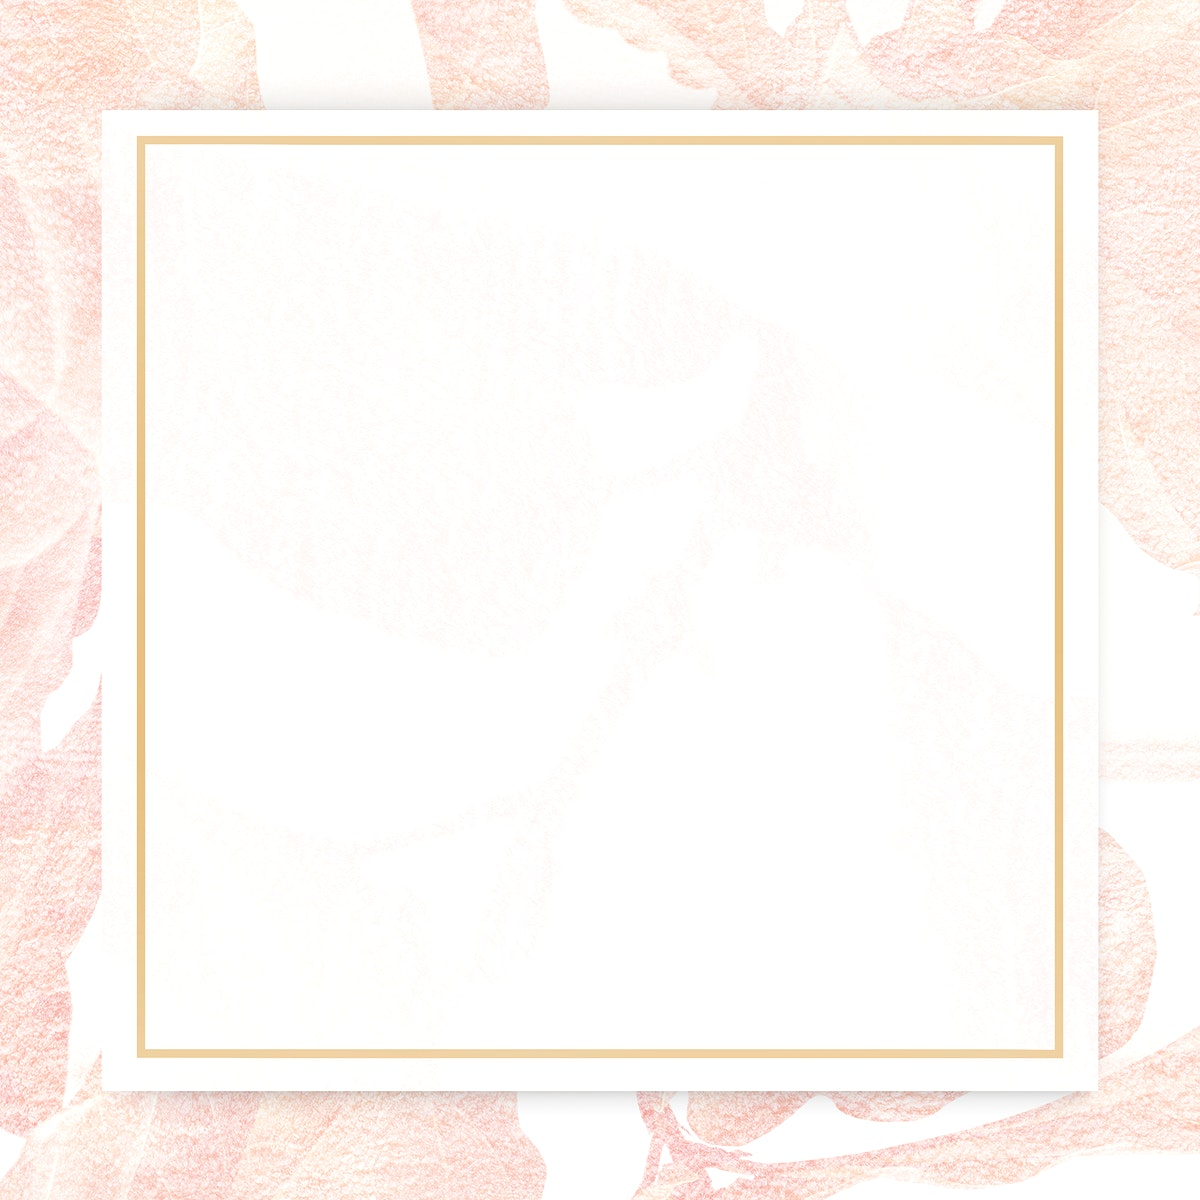 Vintage pink banana leaf patterned frame